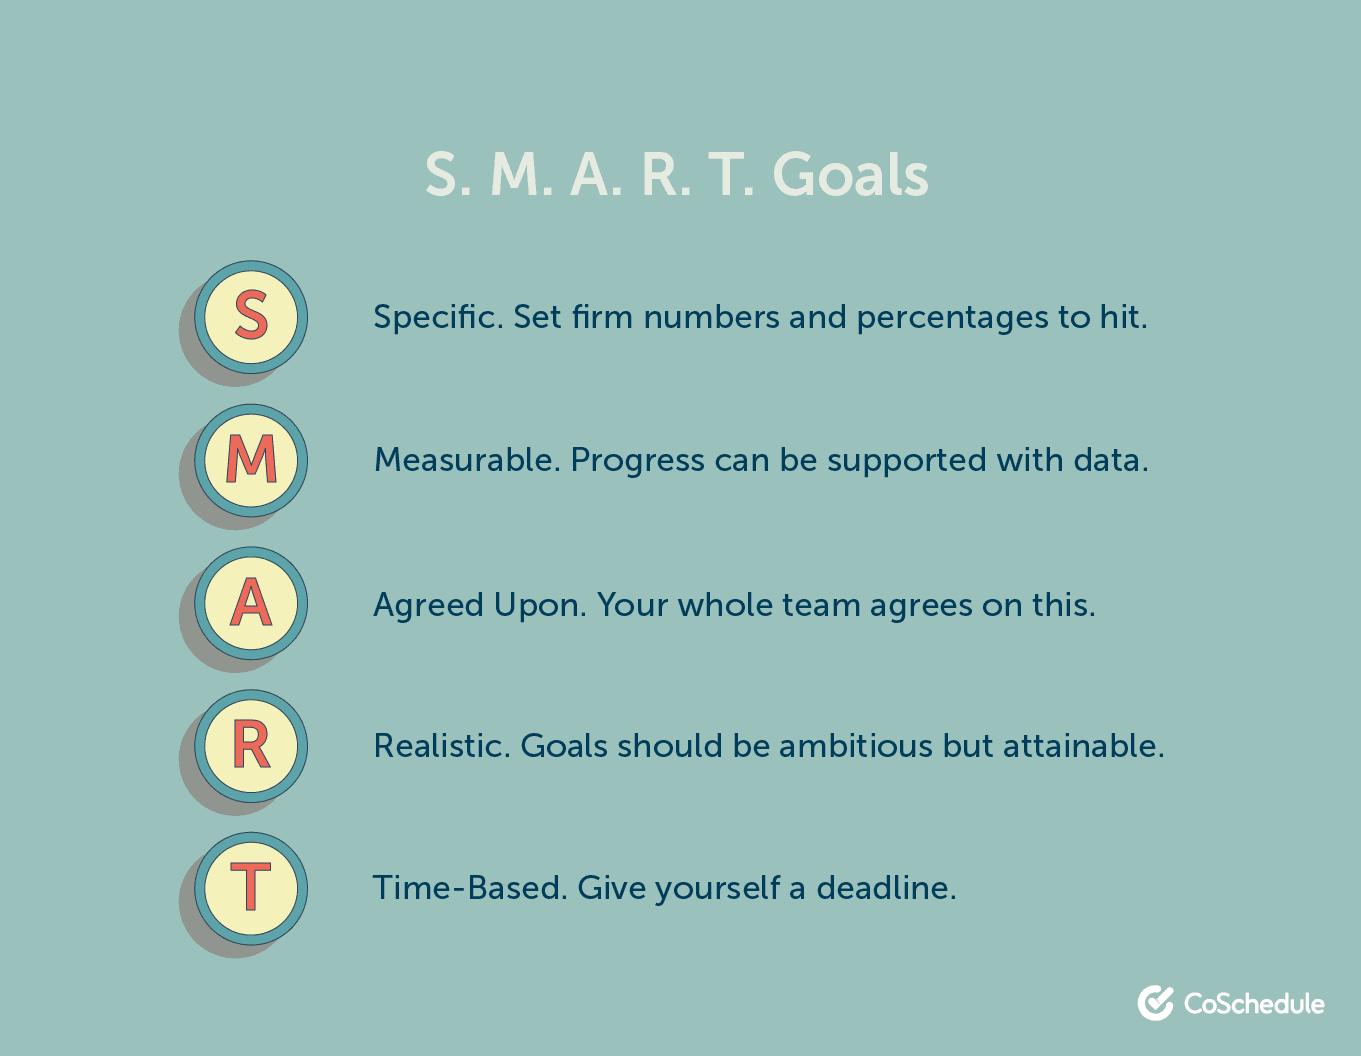 S.M.A.R.T. goals framework